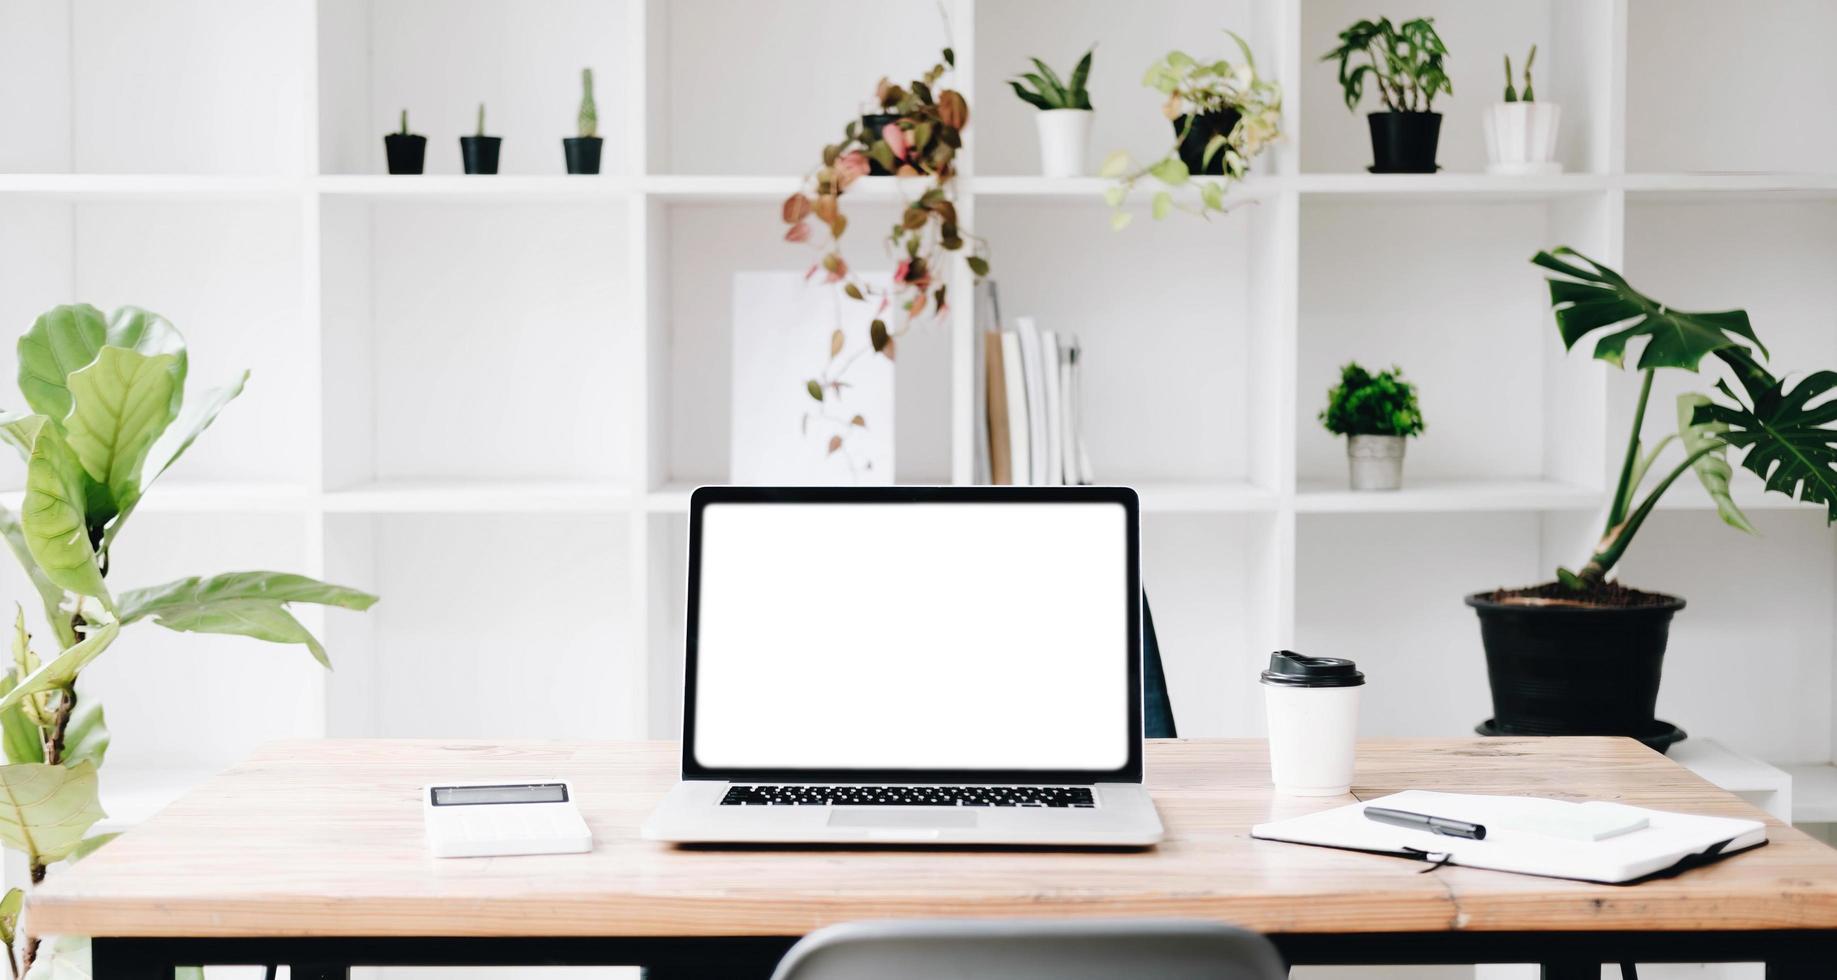 concetto di mockup sul posto di lavoro. simulare un computer desktop moderno per la casa con libri vintage, pianta d'appartamento. l'area di lavoro dell'artista con spazio di copia per i prodotti visualizza il desktop montage.mockup. foto